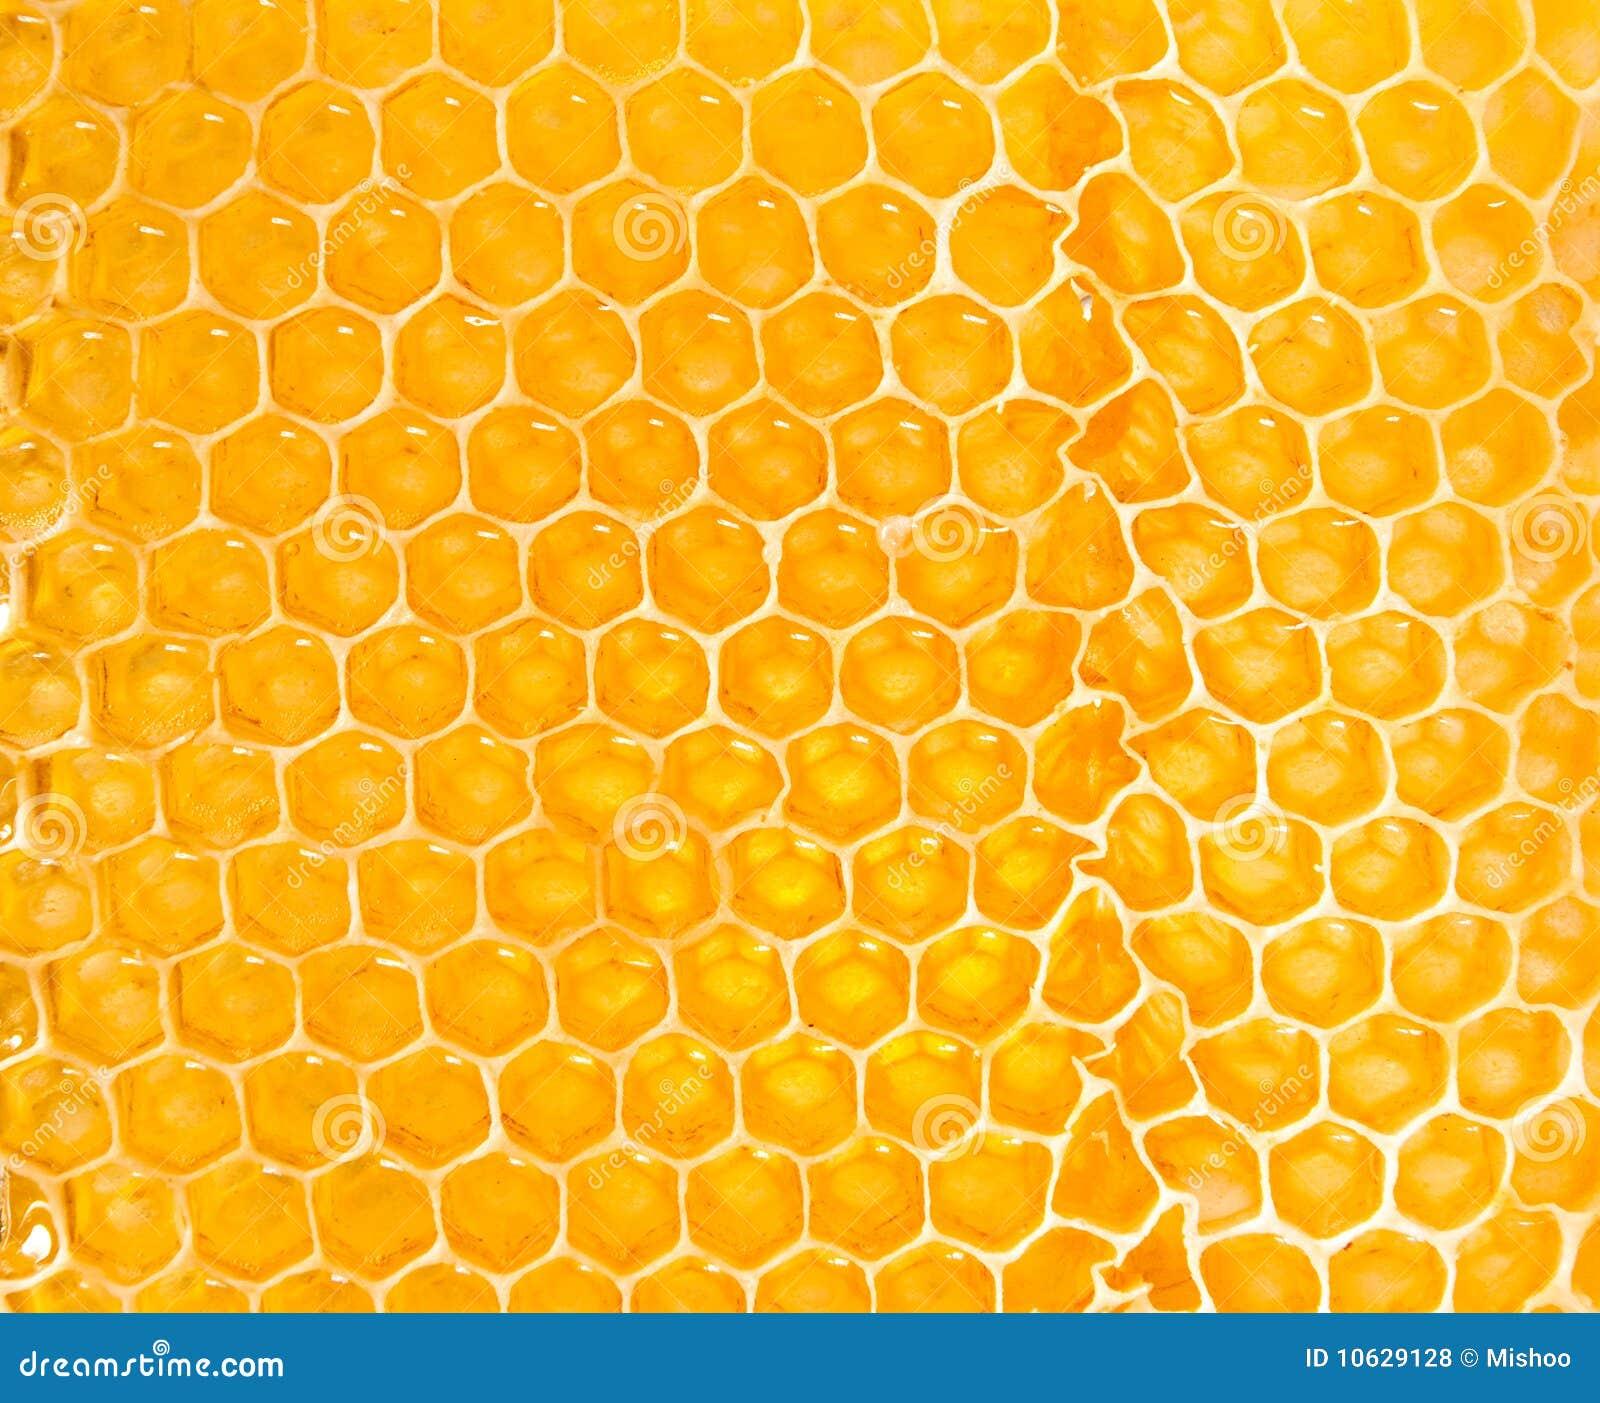 Yellow Honeycomb Royal...